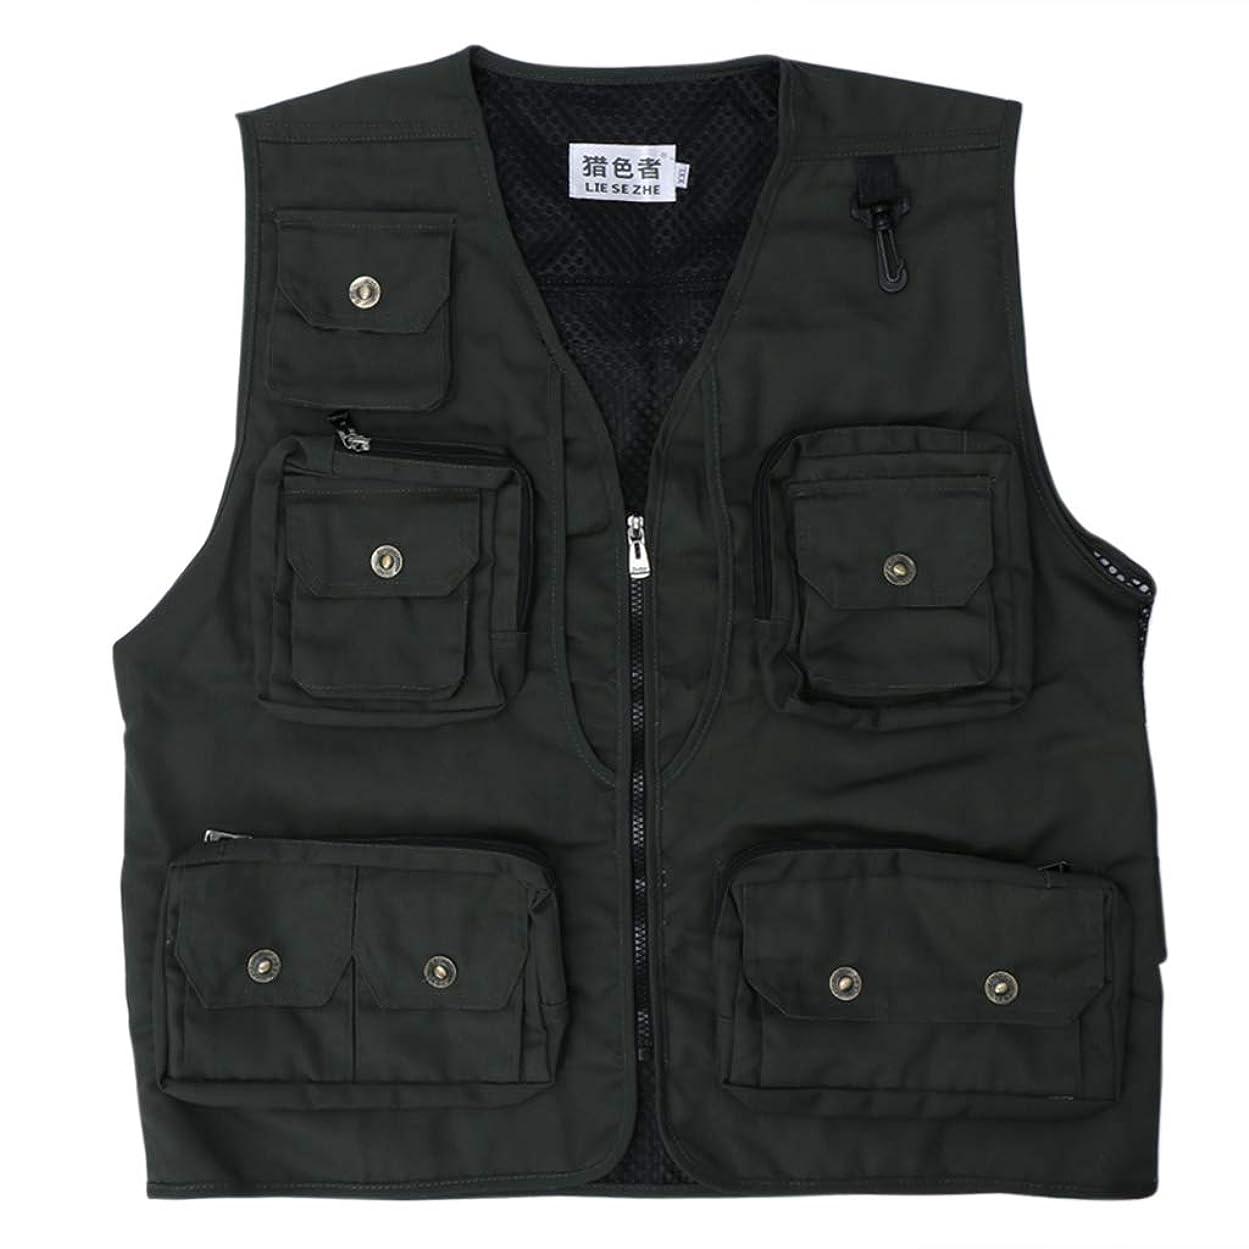 定数次記事shunxinersty釣りベスト多機能ポケットジャケット通気性のセーフティメッシュアウトドアスポーツ写真服男性クイックドライファッションマルチポケットグリーン2 XL#